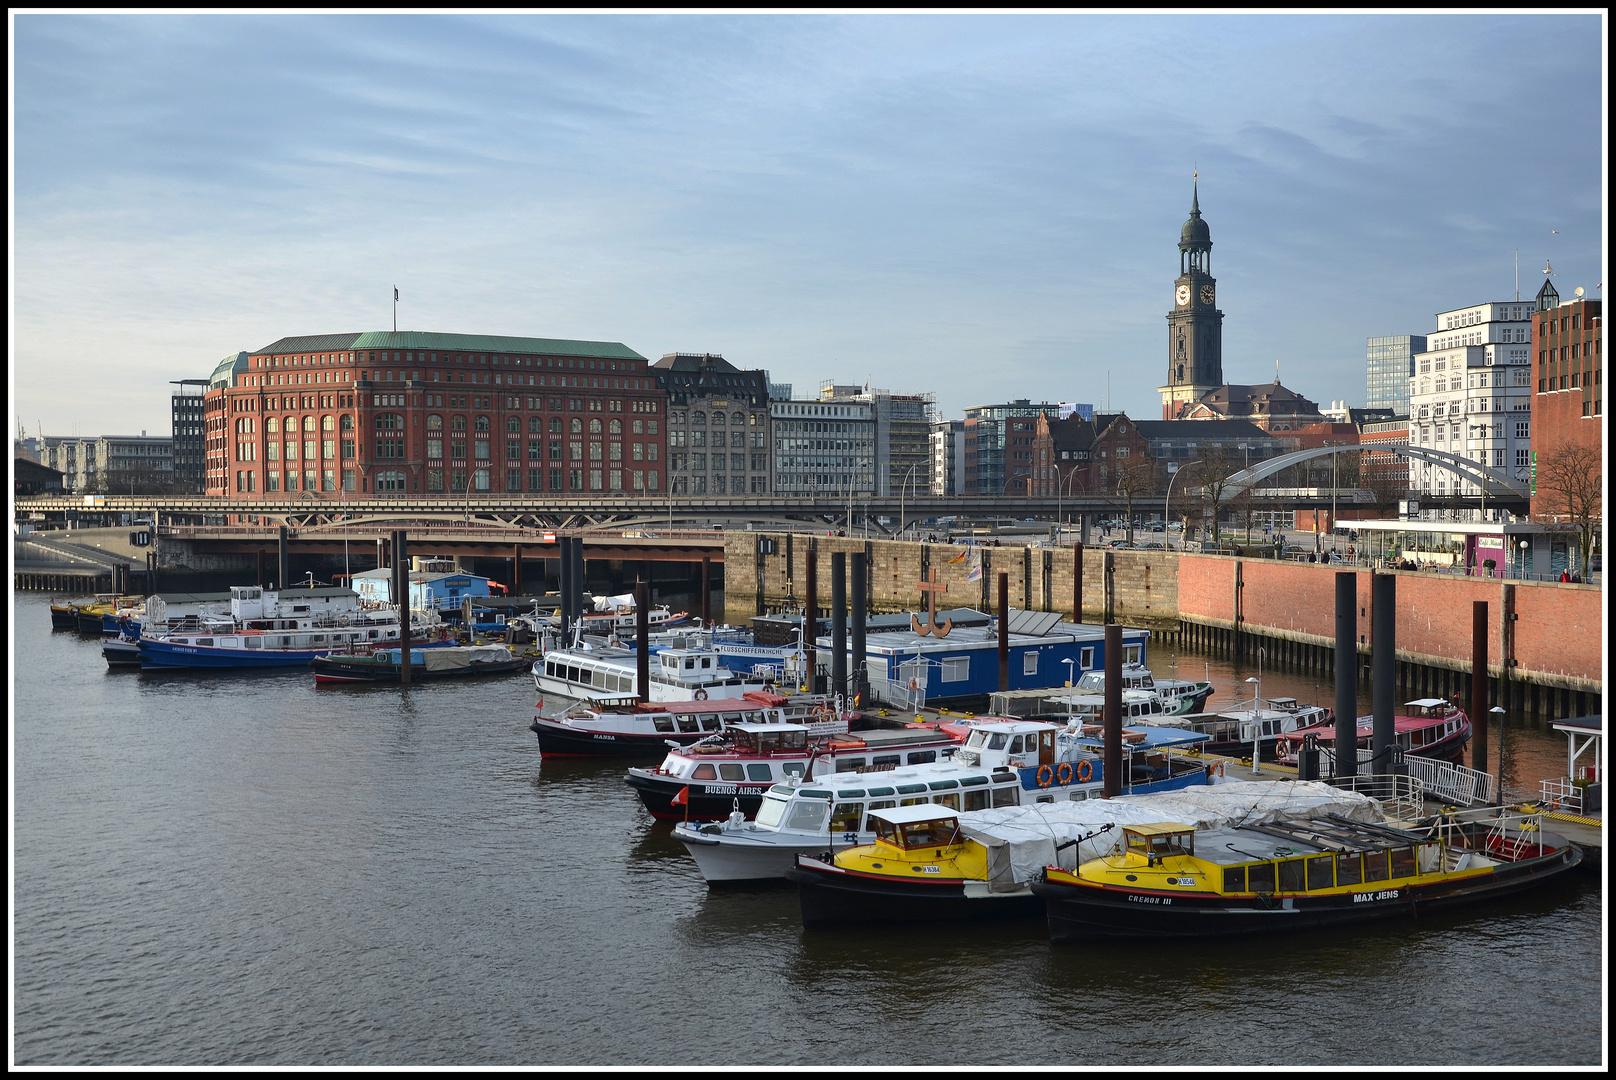 Binnenhafen an der Speicherstadt - Hamburg - Deutschland